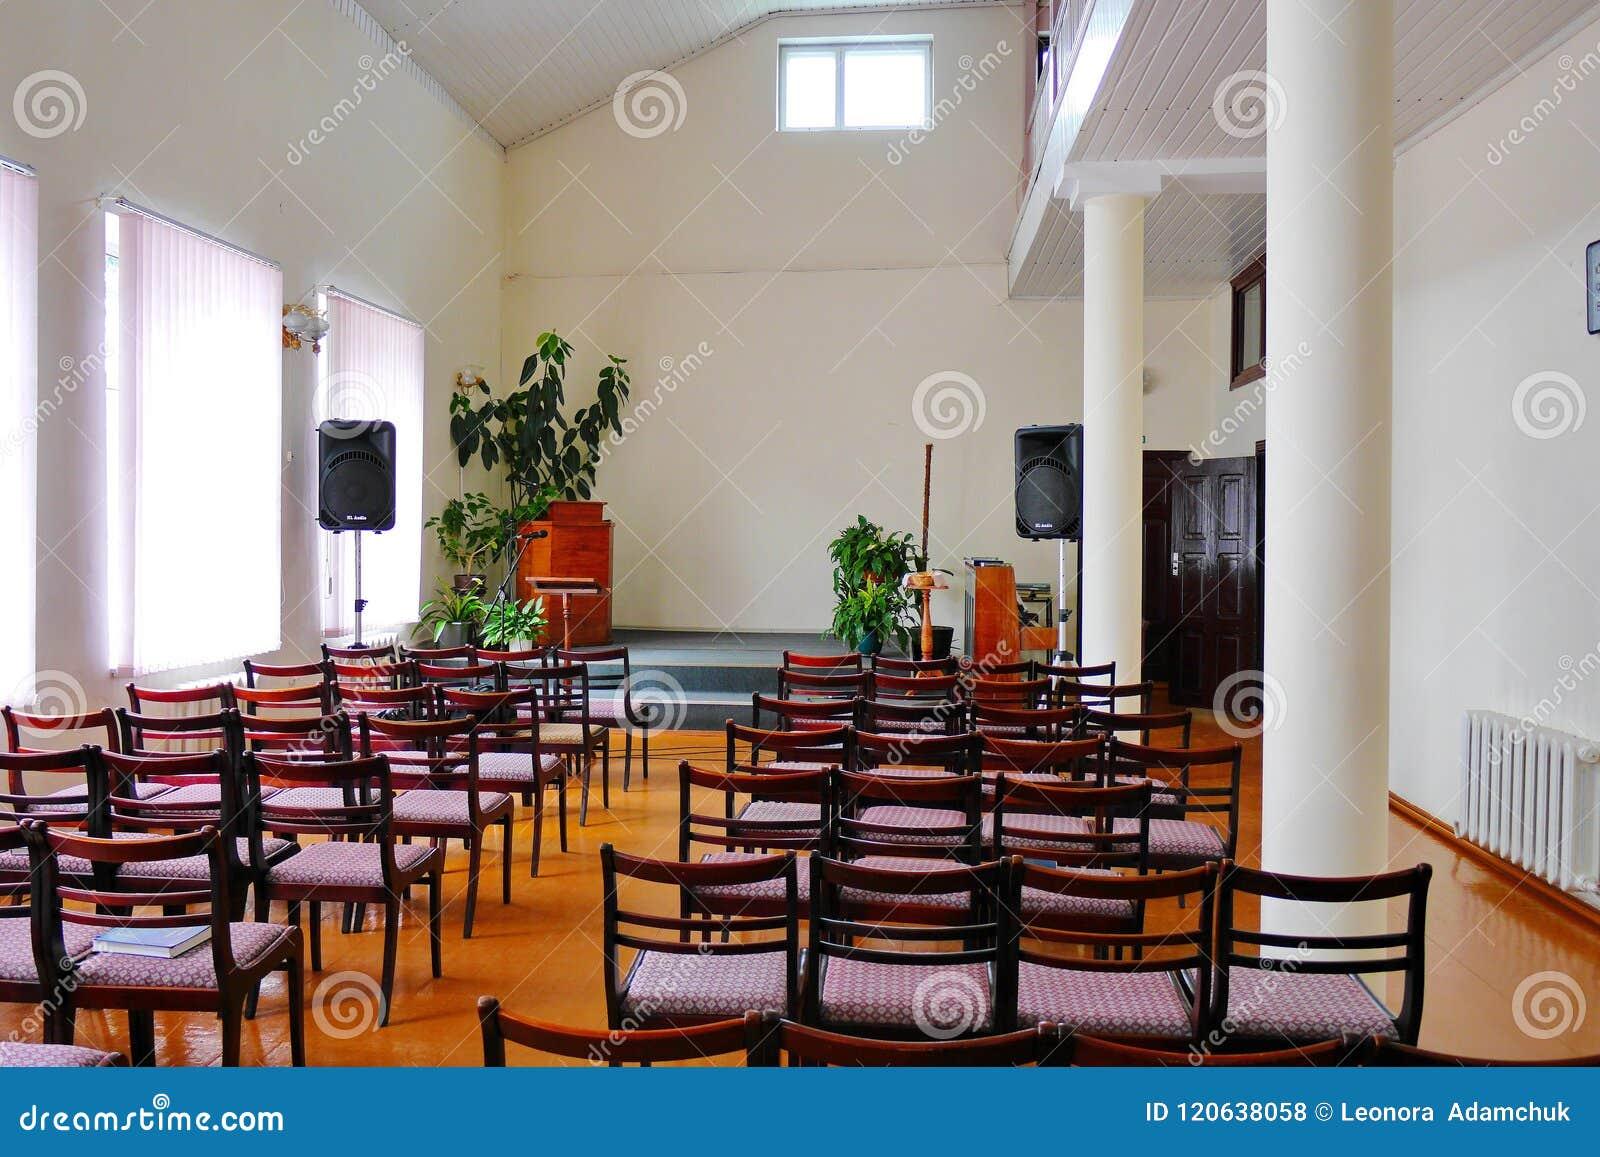 En hemtrevlig korridor i ett rum med höga tak och vita väggar med rader av stolar och en etapp med högtalare för en mikrofon och